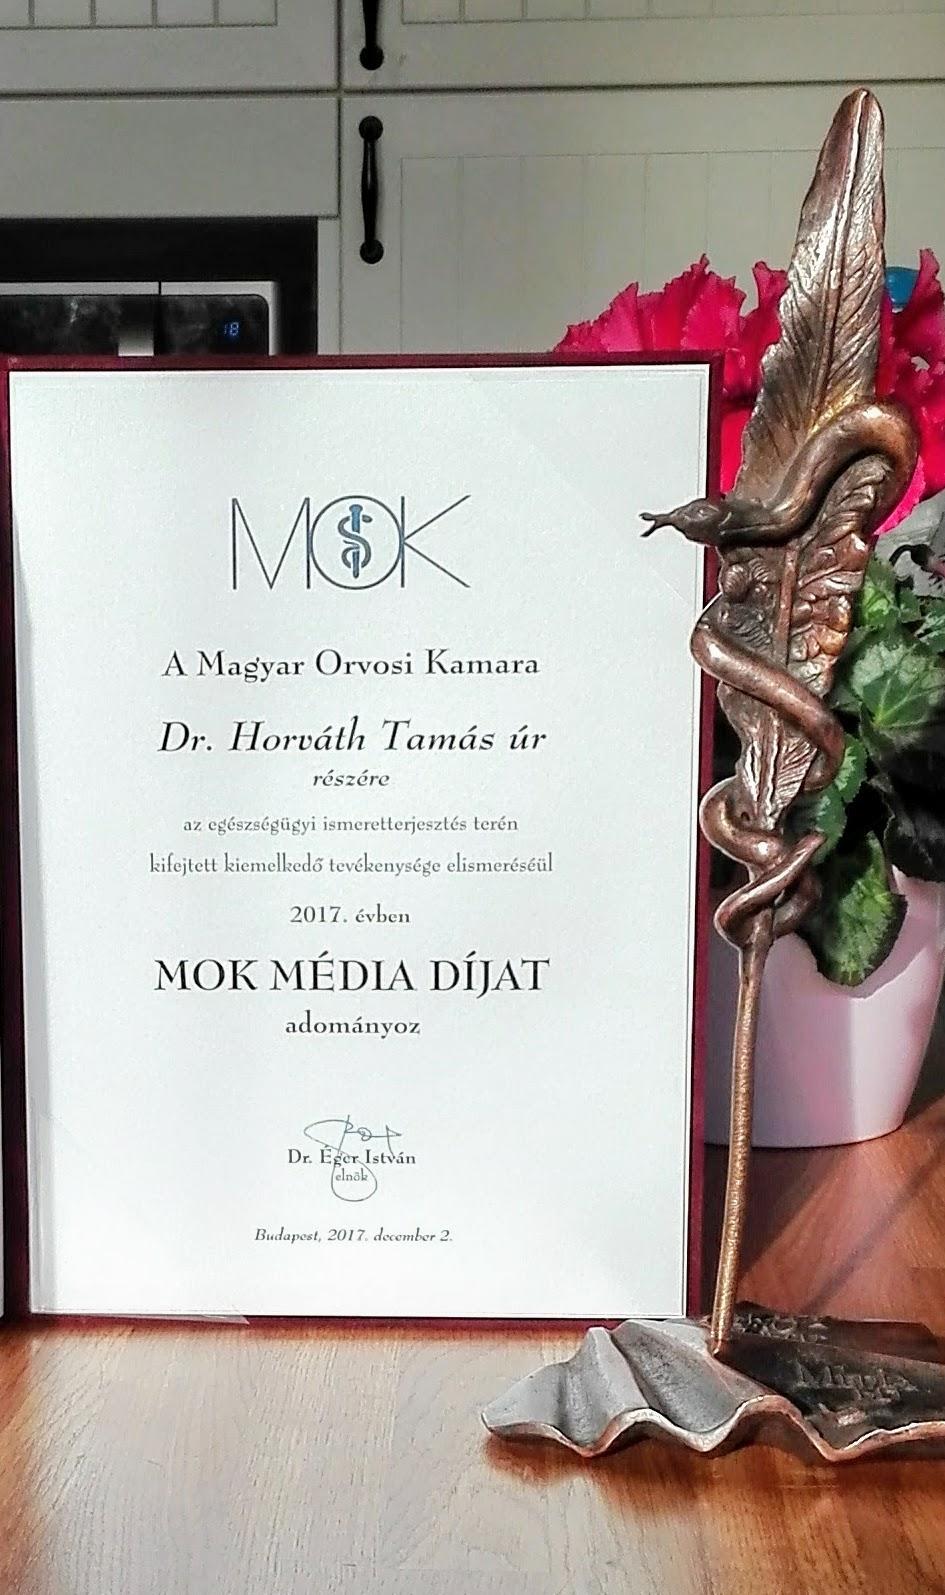 mok_media.jpg